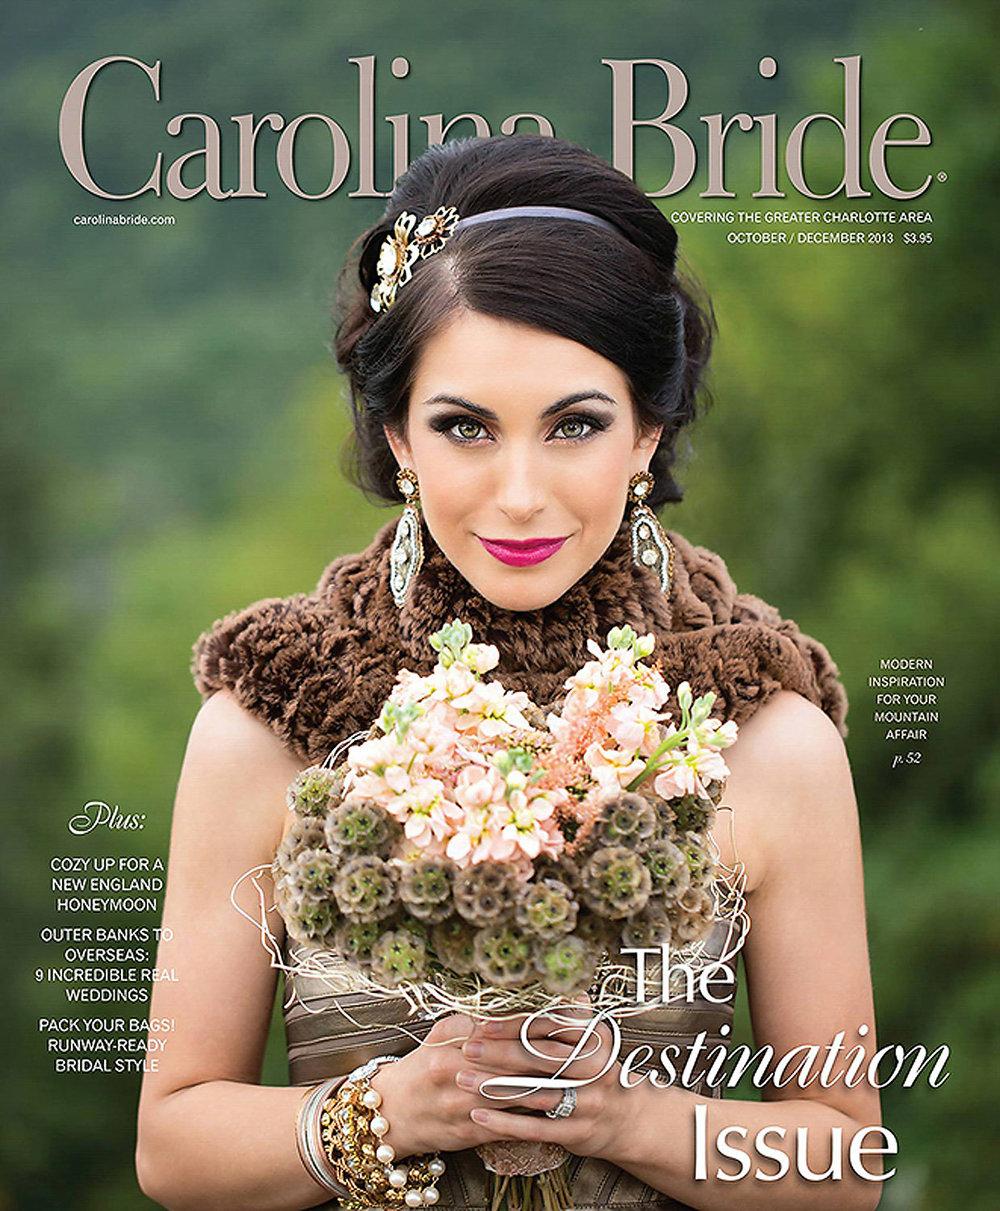 015carolina-bride-magazine.jpg